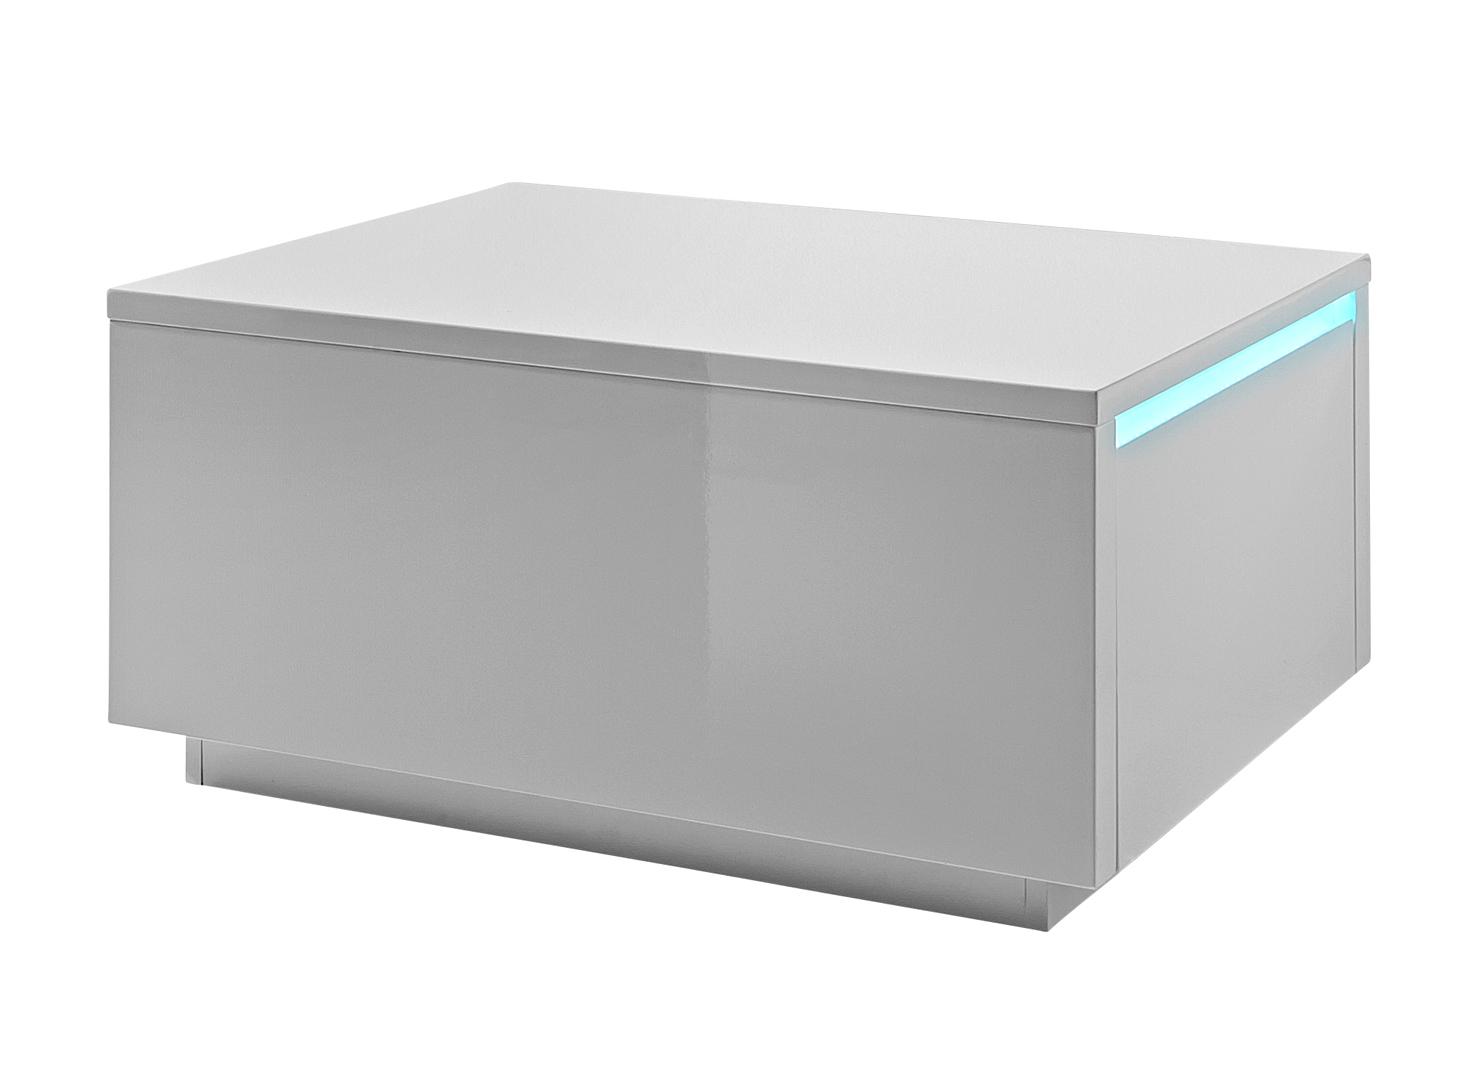 Éclairage Blanche Design Laquée Hidalgo Table Basse Carrée Avec shQrdtC